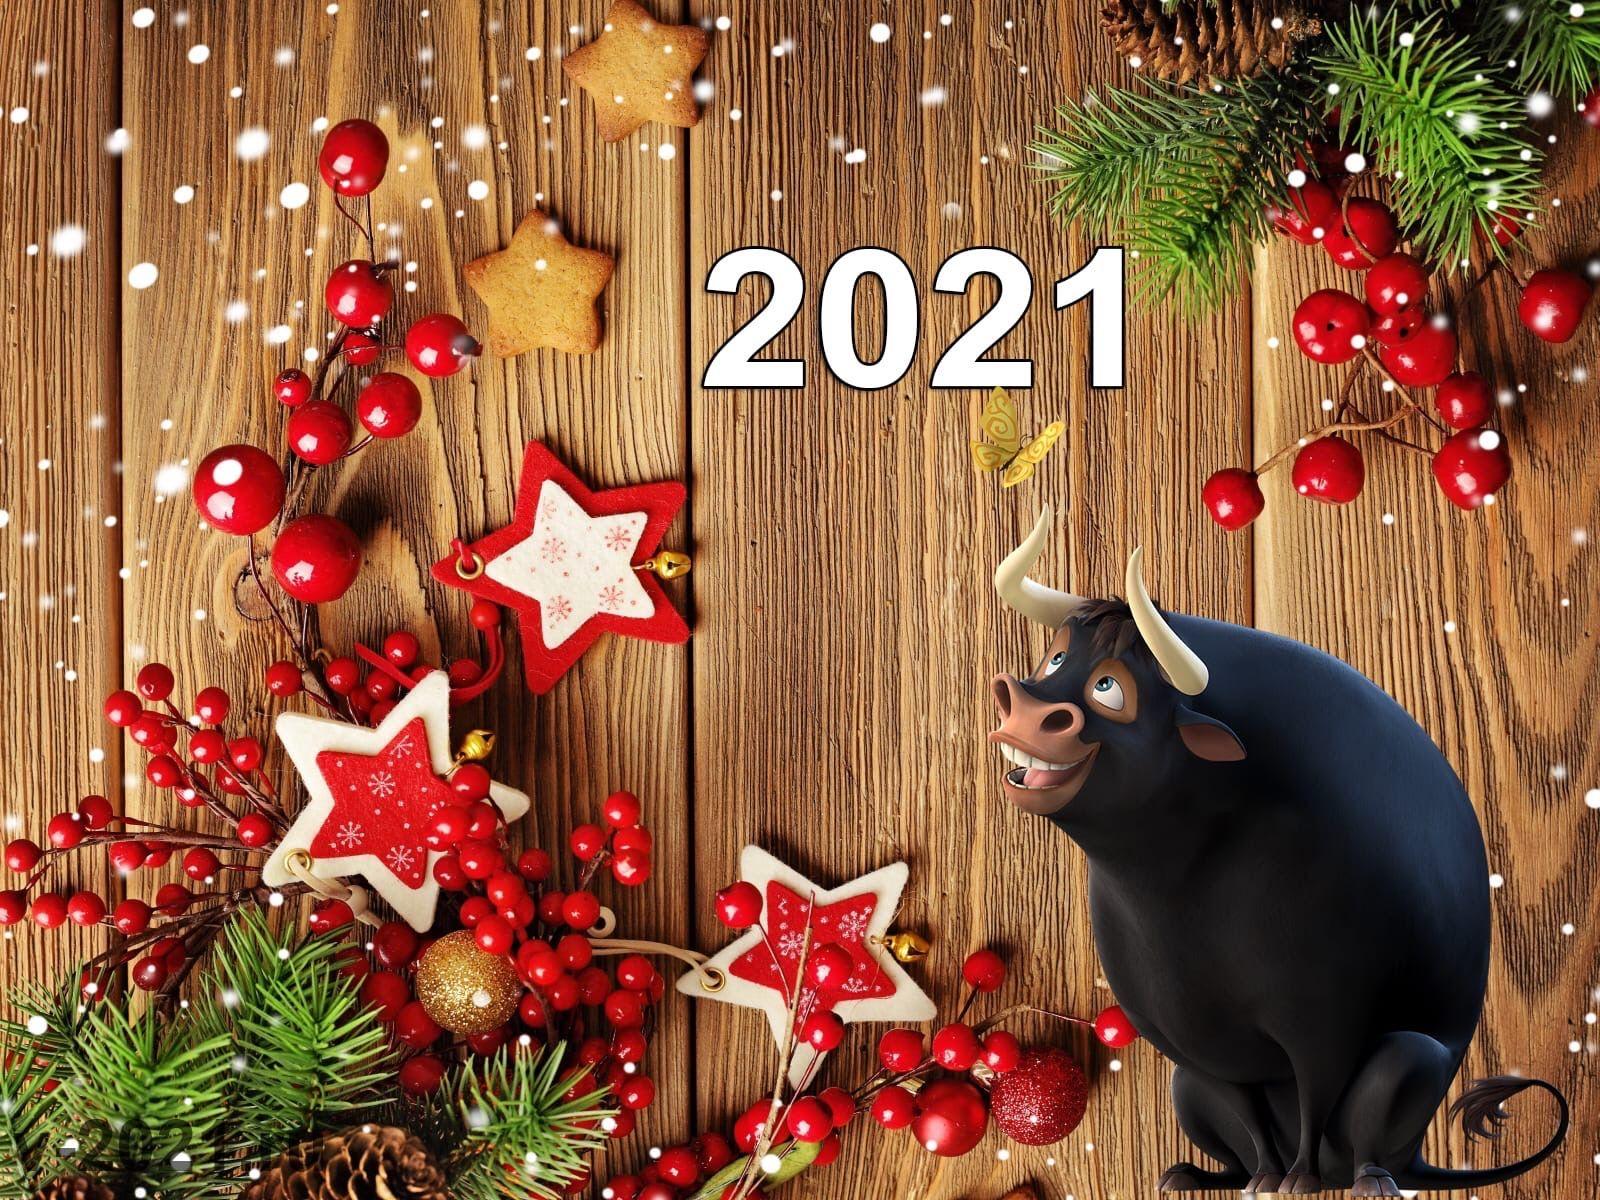 Pozdravlyaem Vseh S Novym Godom In 2021 Christmas Bulbs Holiday Decor Merry Xmas